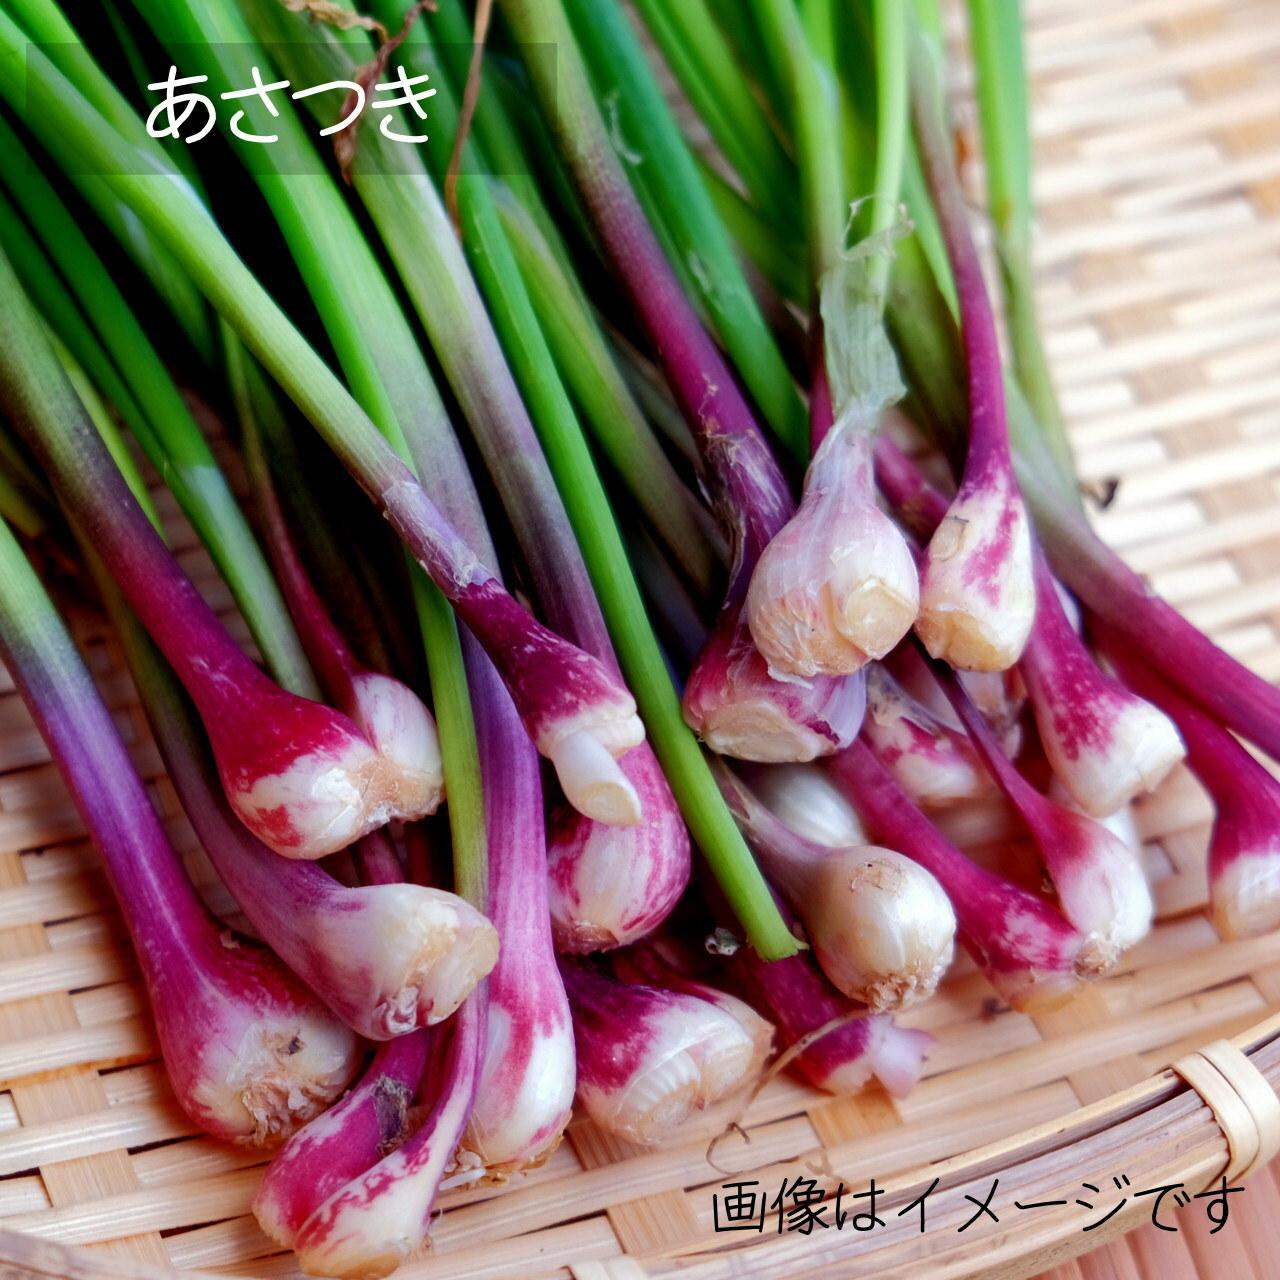 4月の朝採り直売野菜 あさつき 新鮮な春野菜 4月25日発送予定